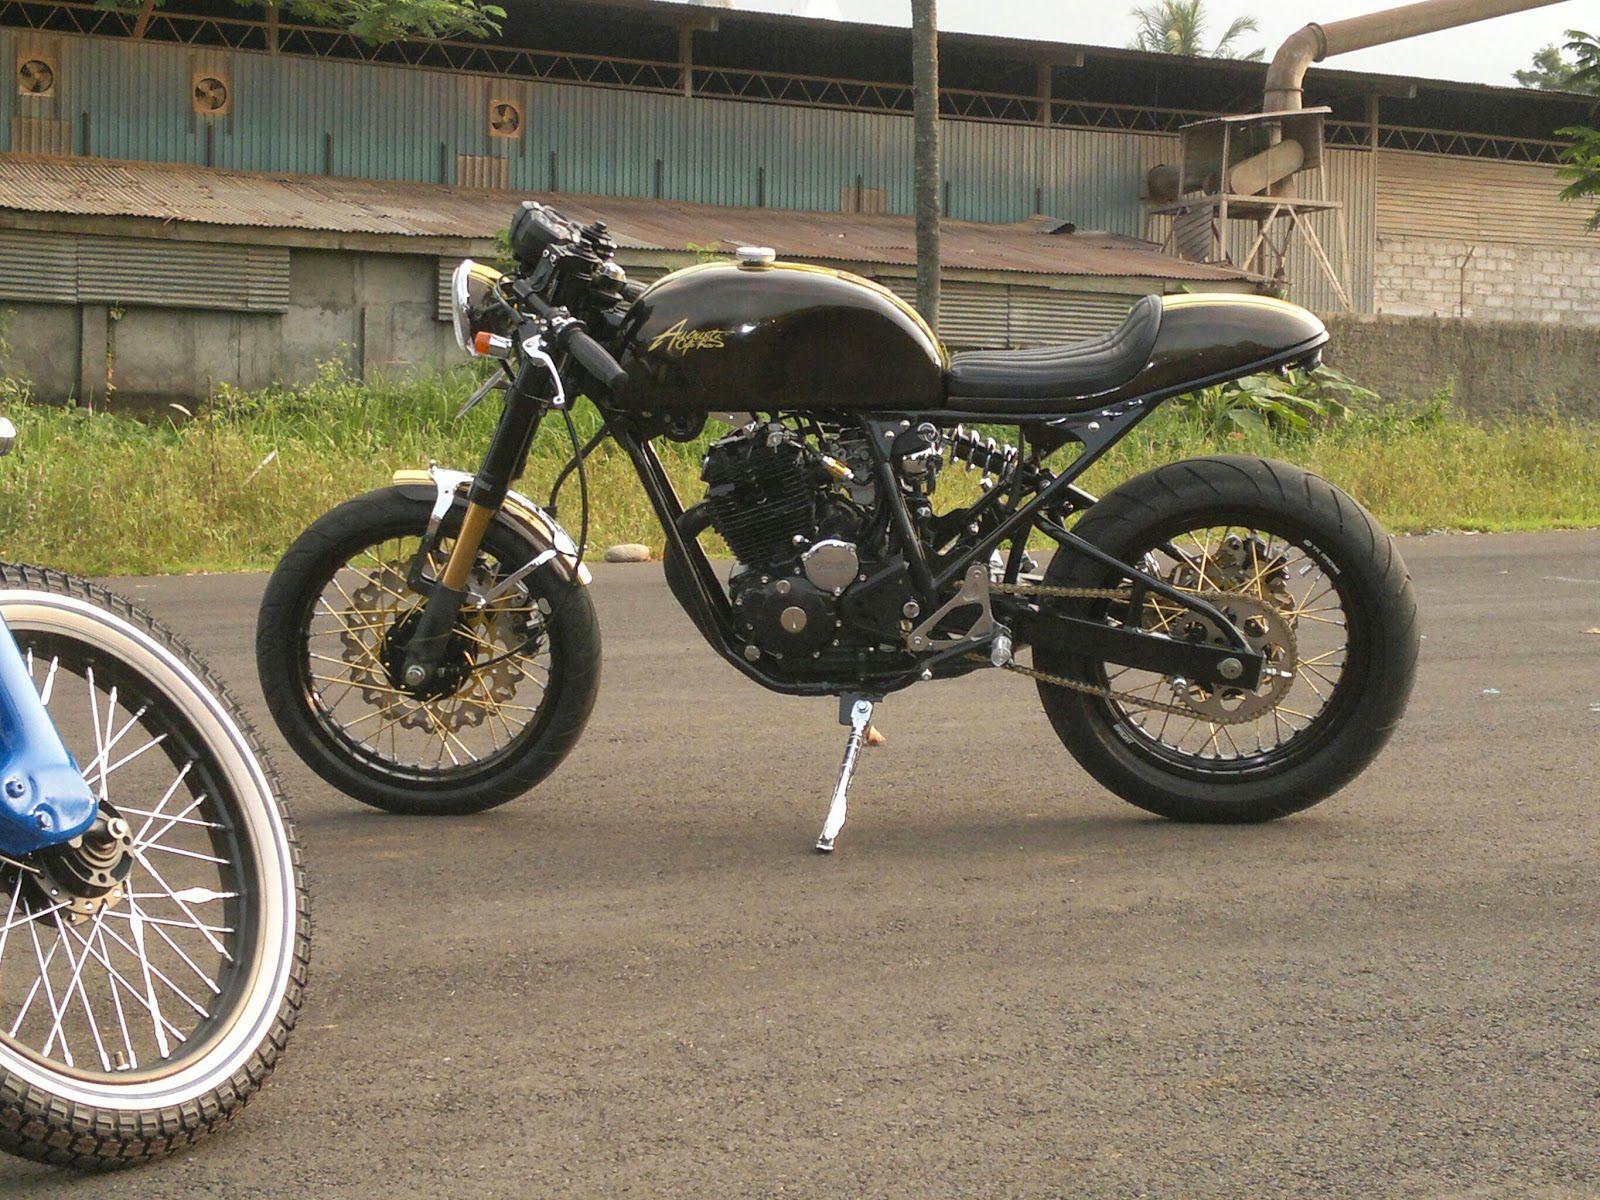 Modifikasi Motor Yamaha Scorpio Gaya Cafe Racer